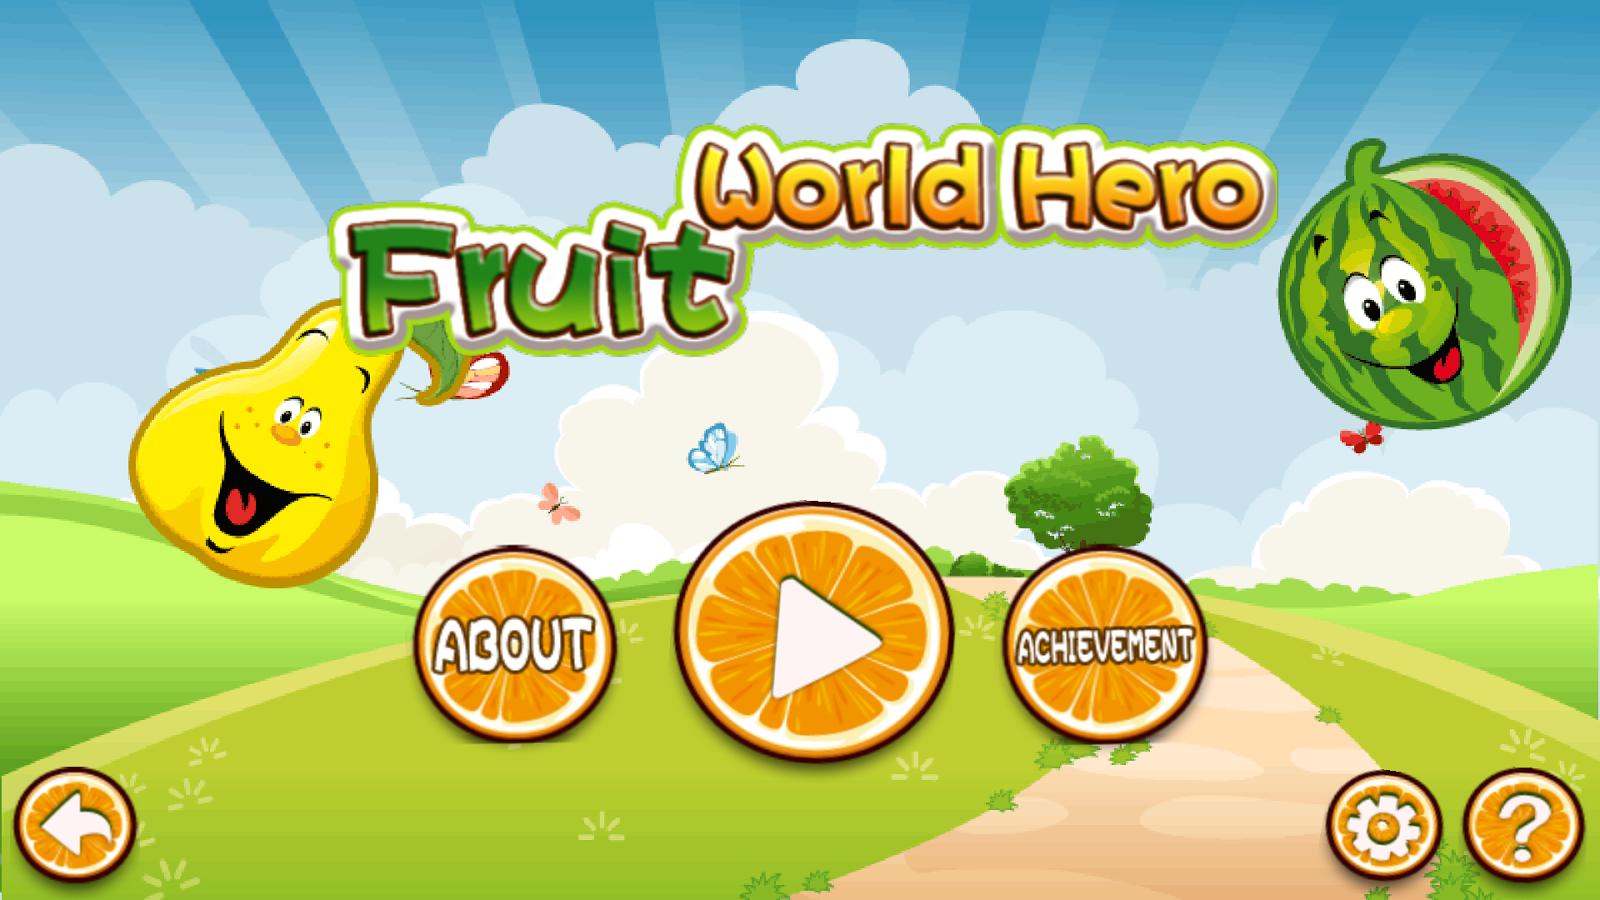 Fruit devil game - Fruit World Hero Free Screenshot